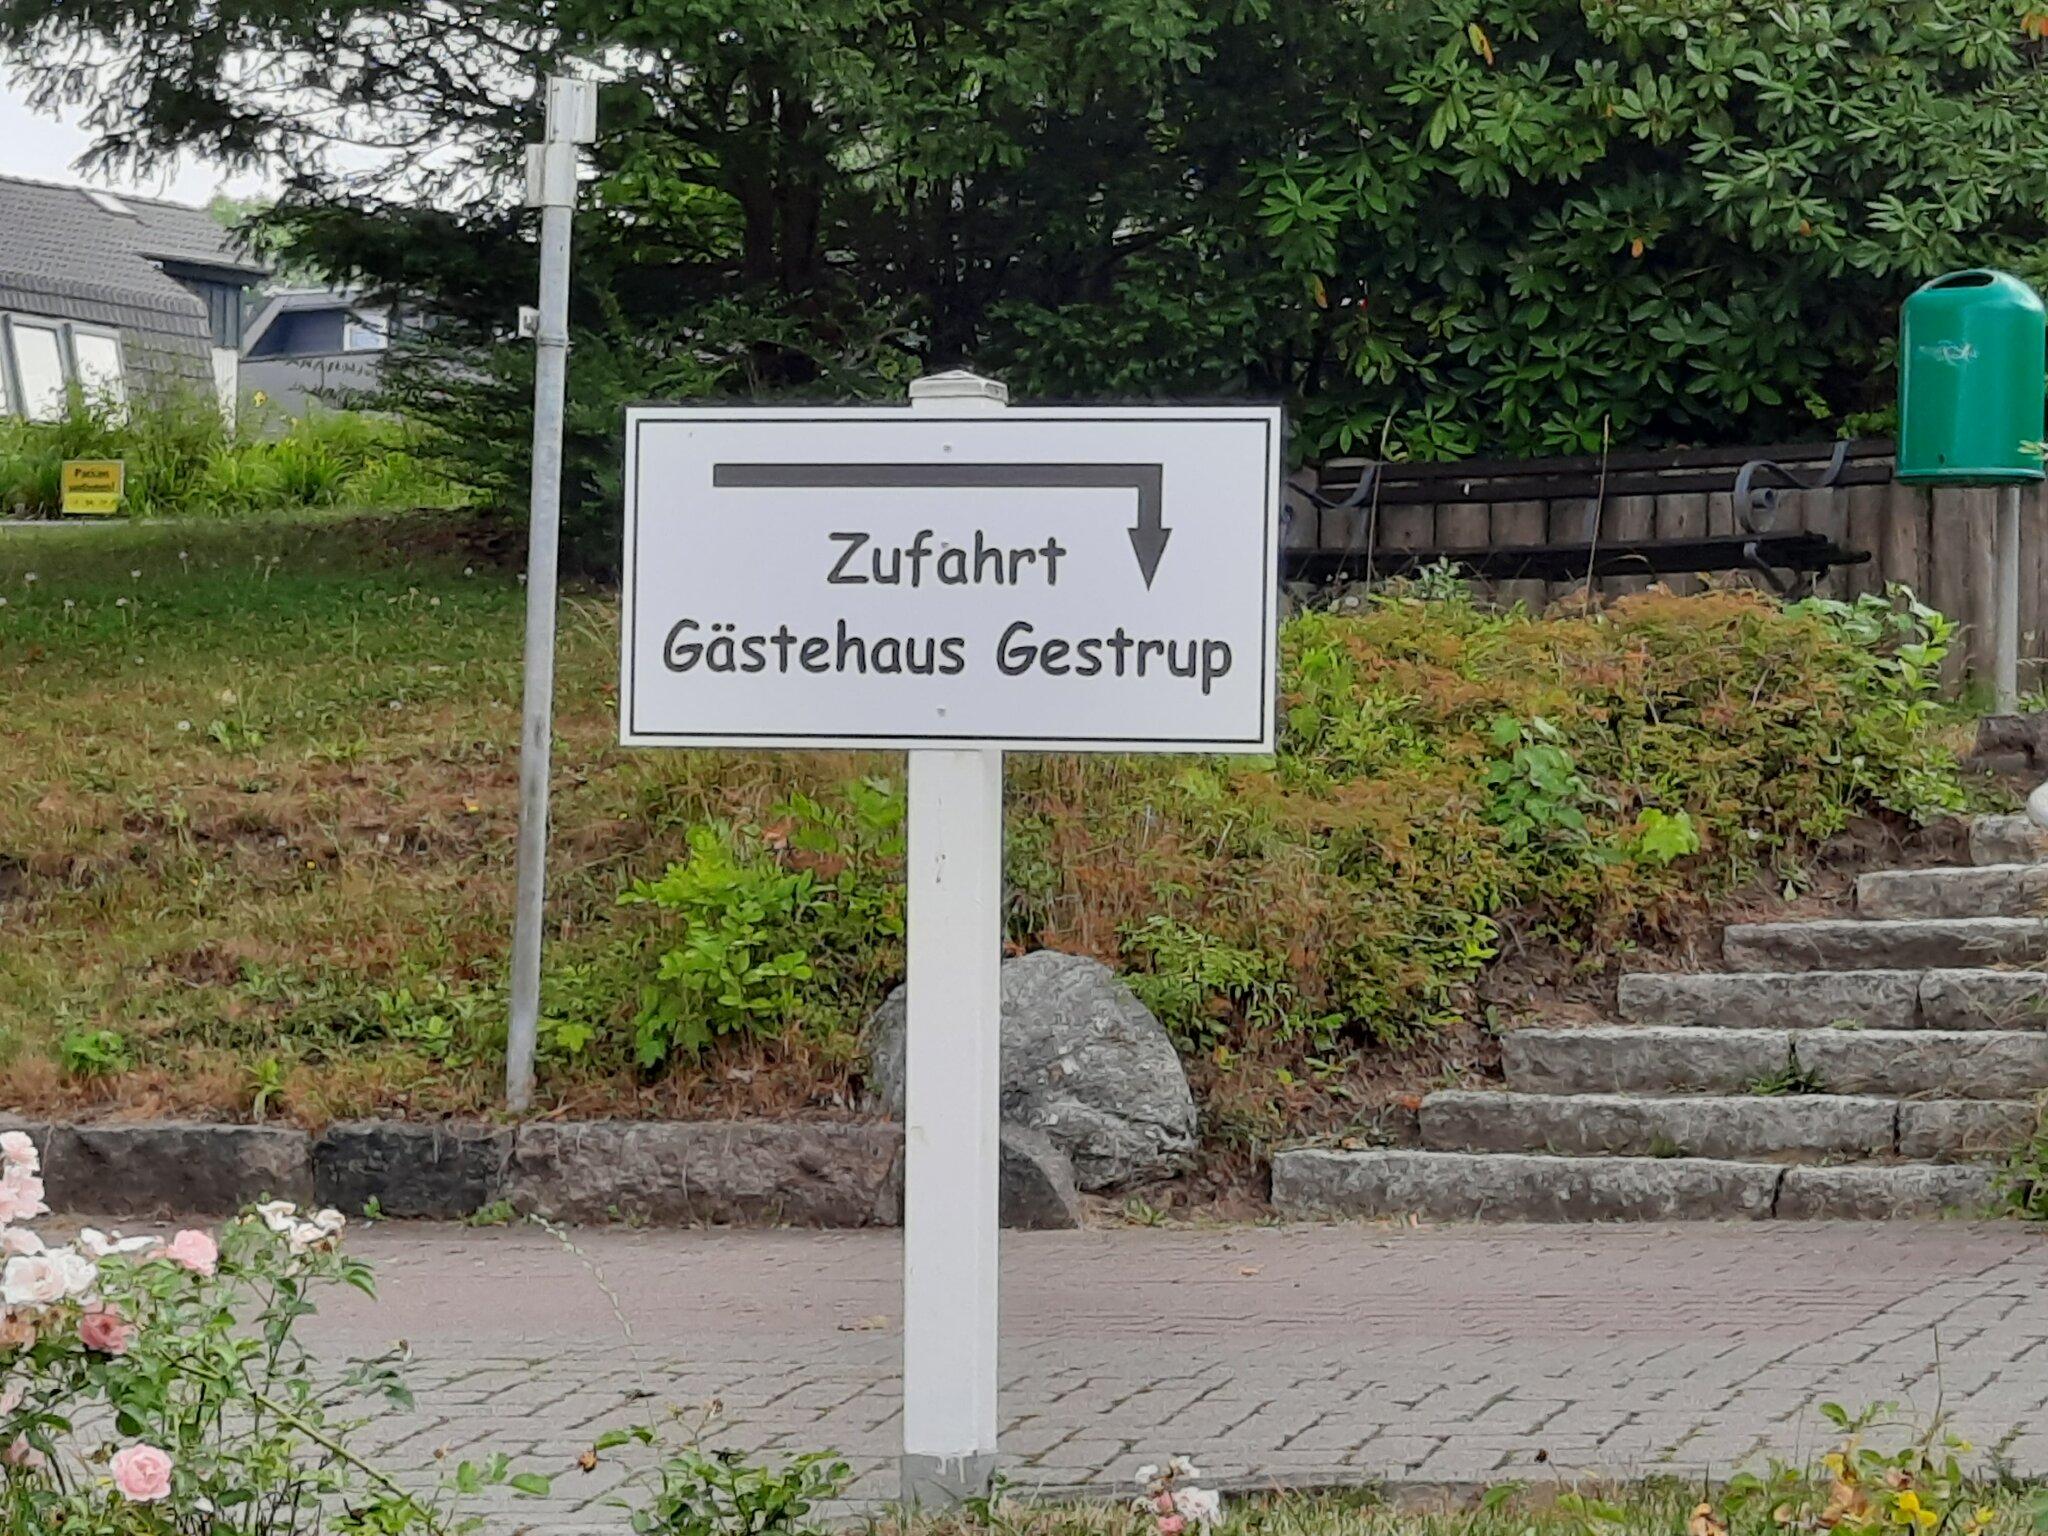 Zufahrt Gästehaus Gestrup